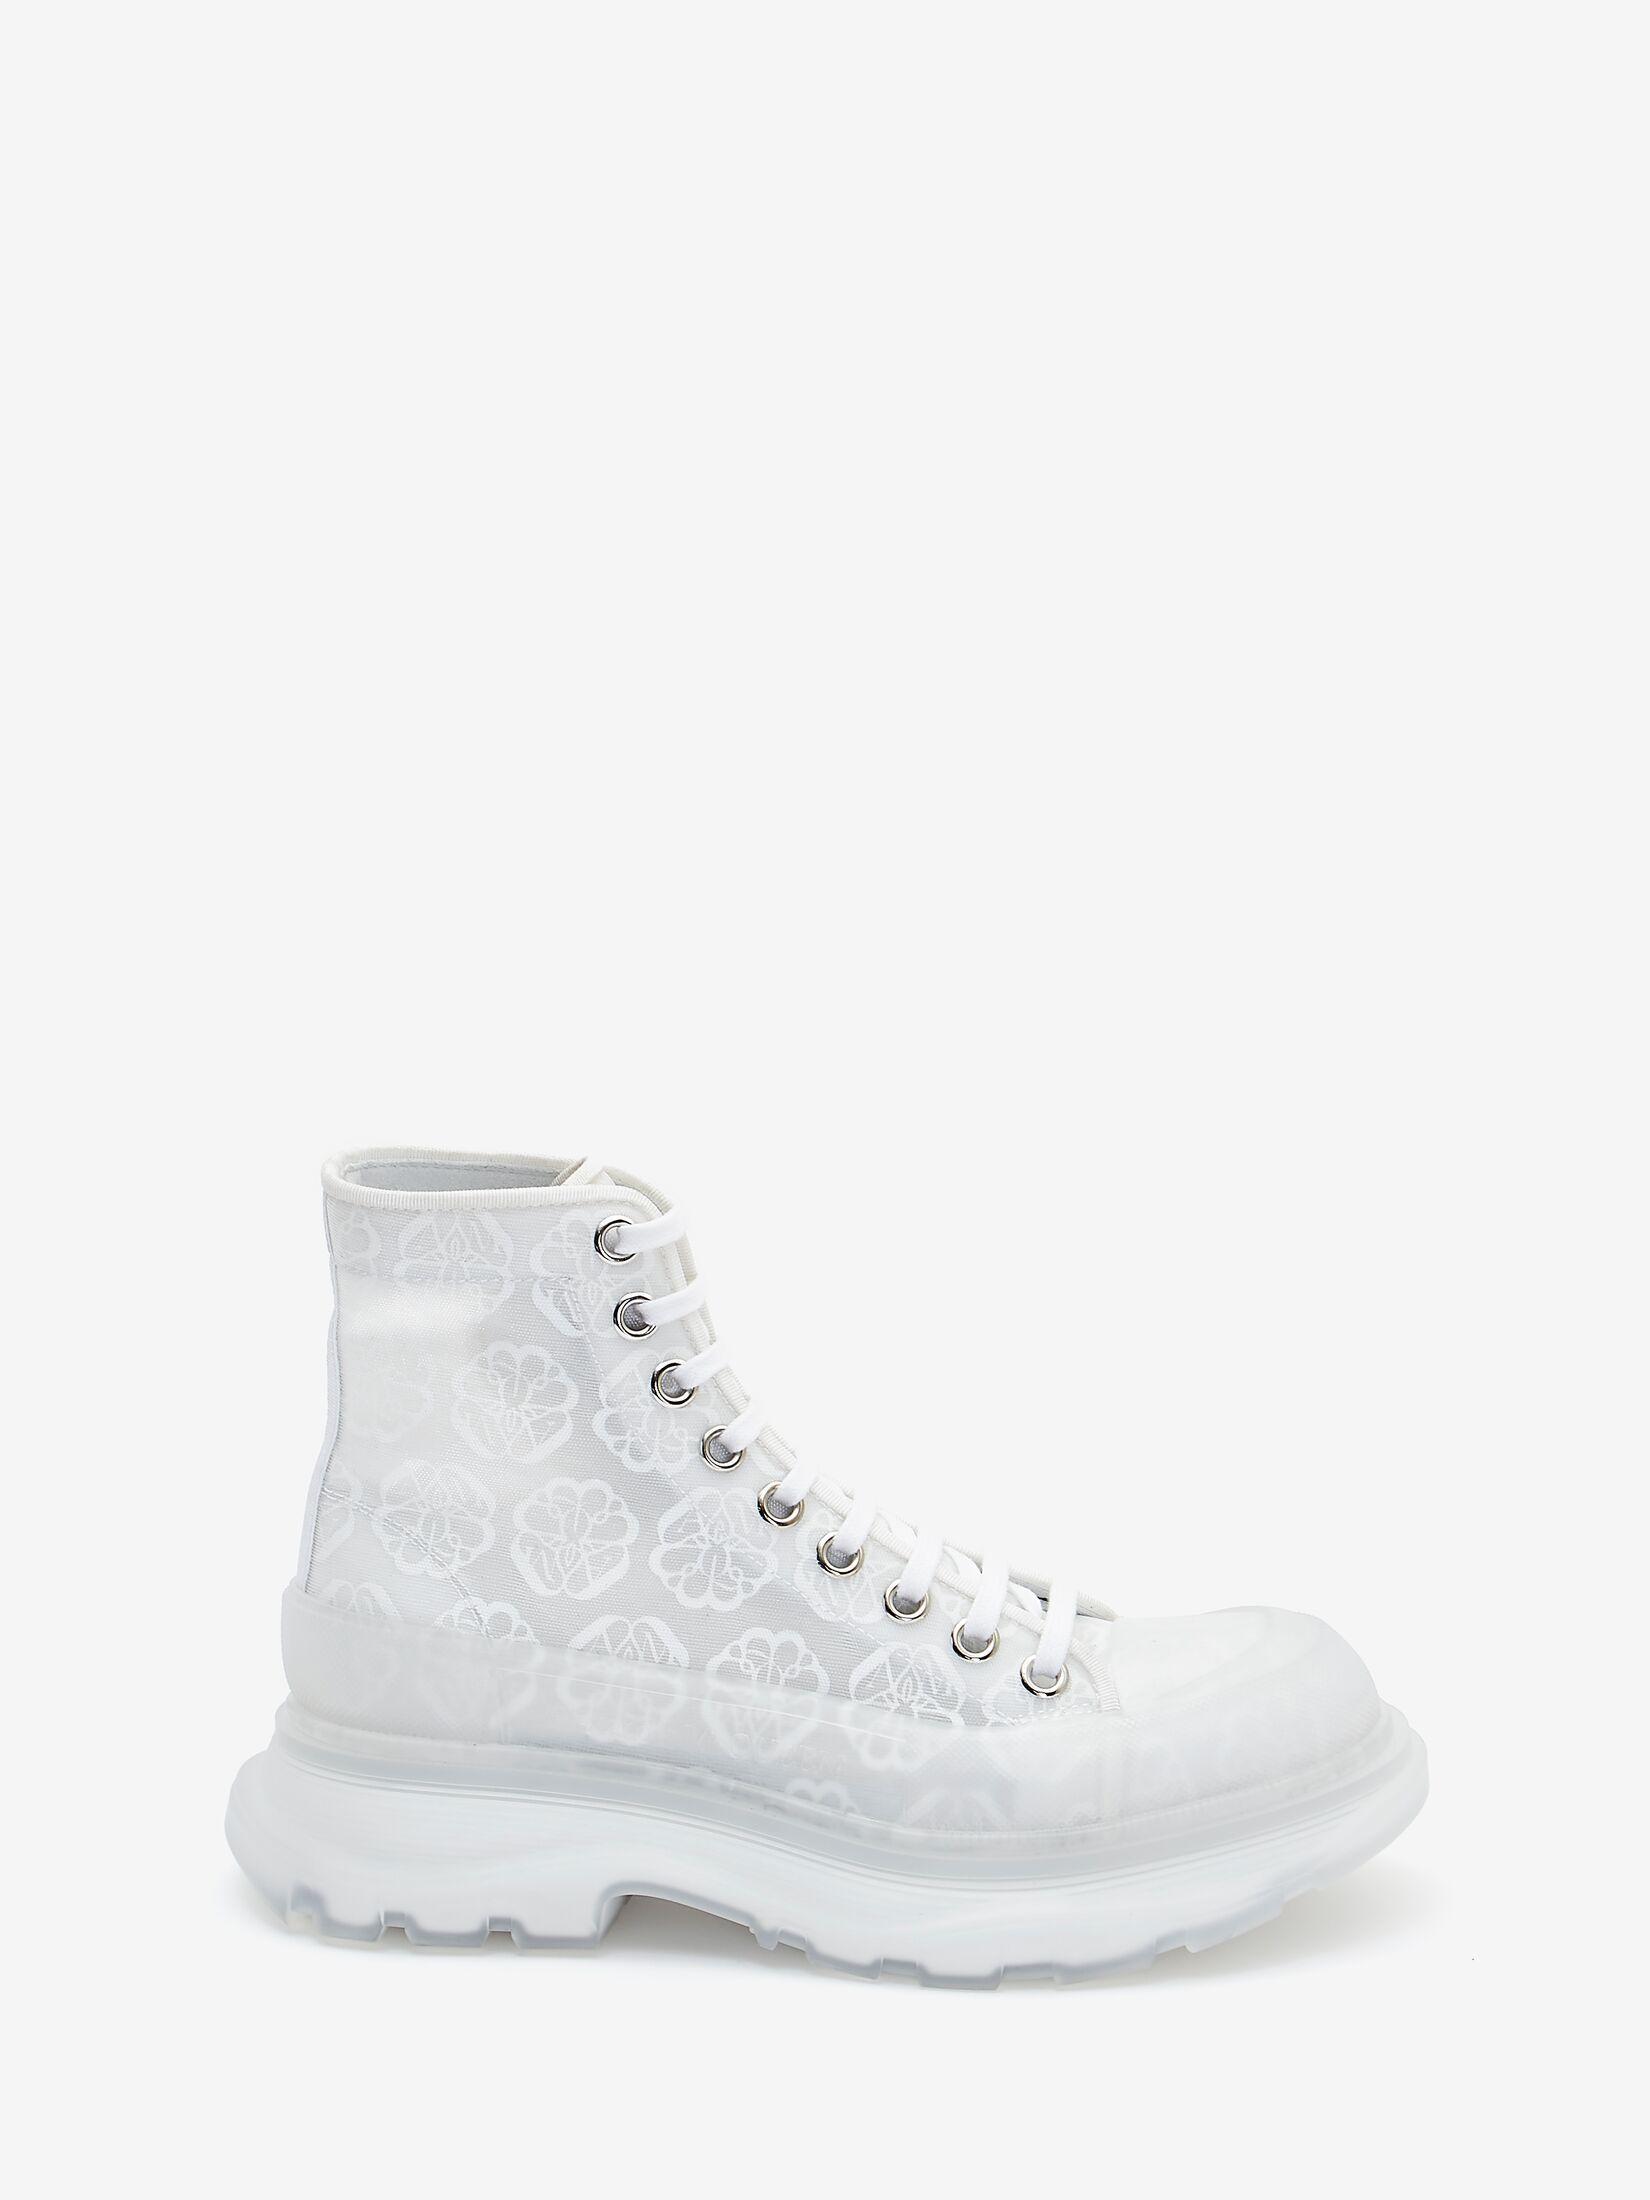 #PopbelaOOTD: Sneakers Putih untuk Gaya Weekend Makin Fashionable